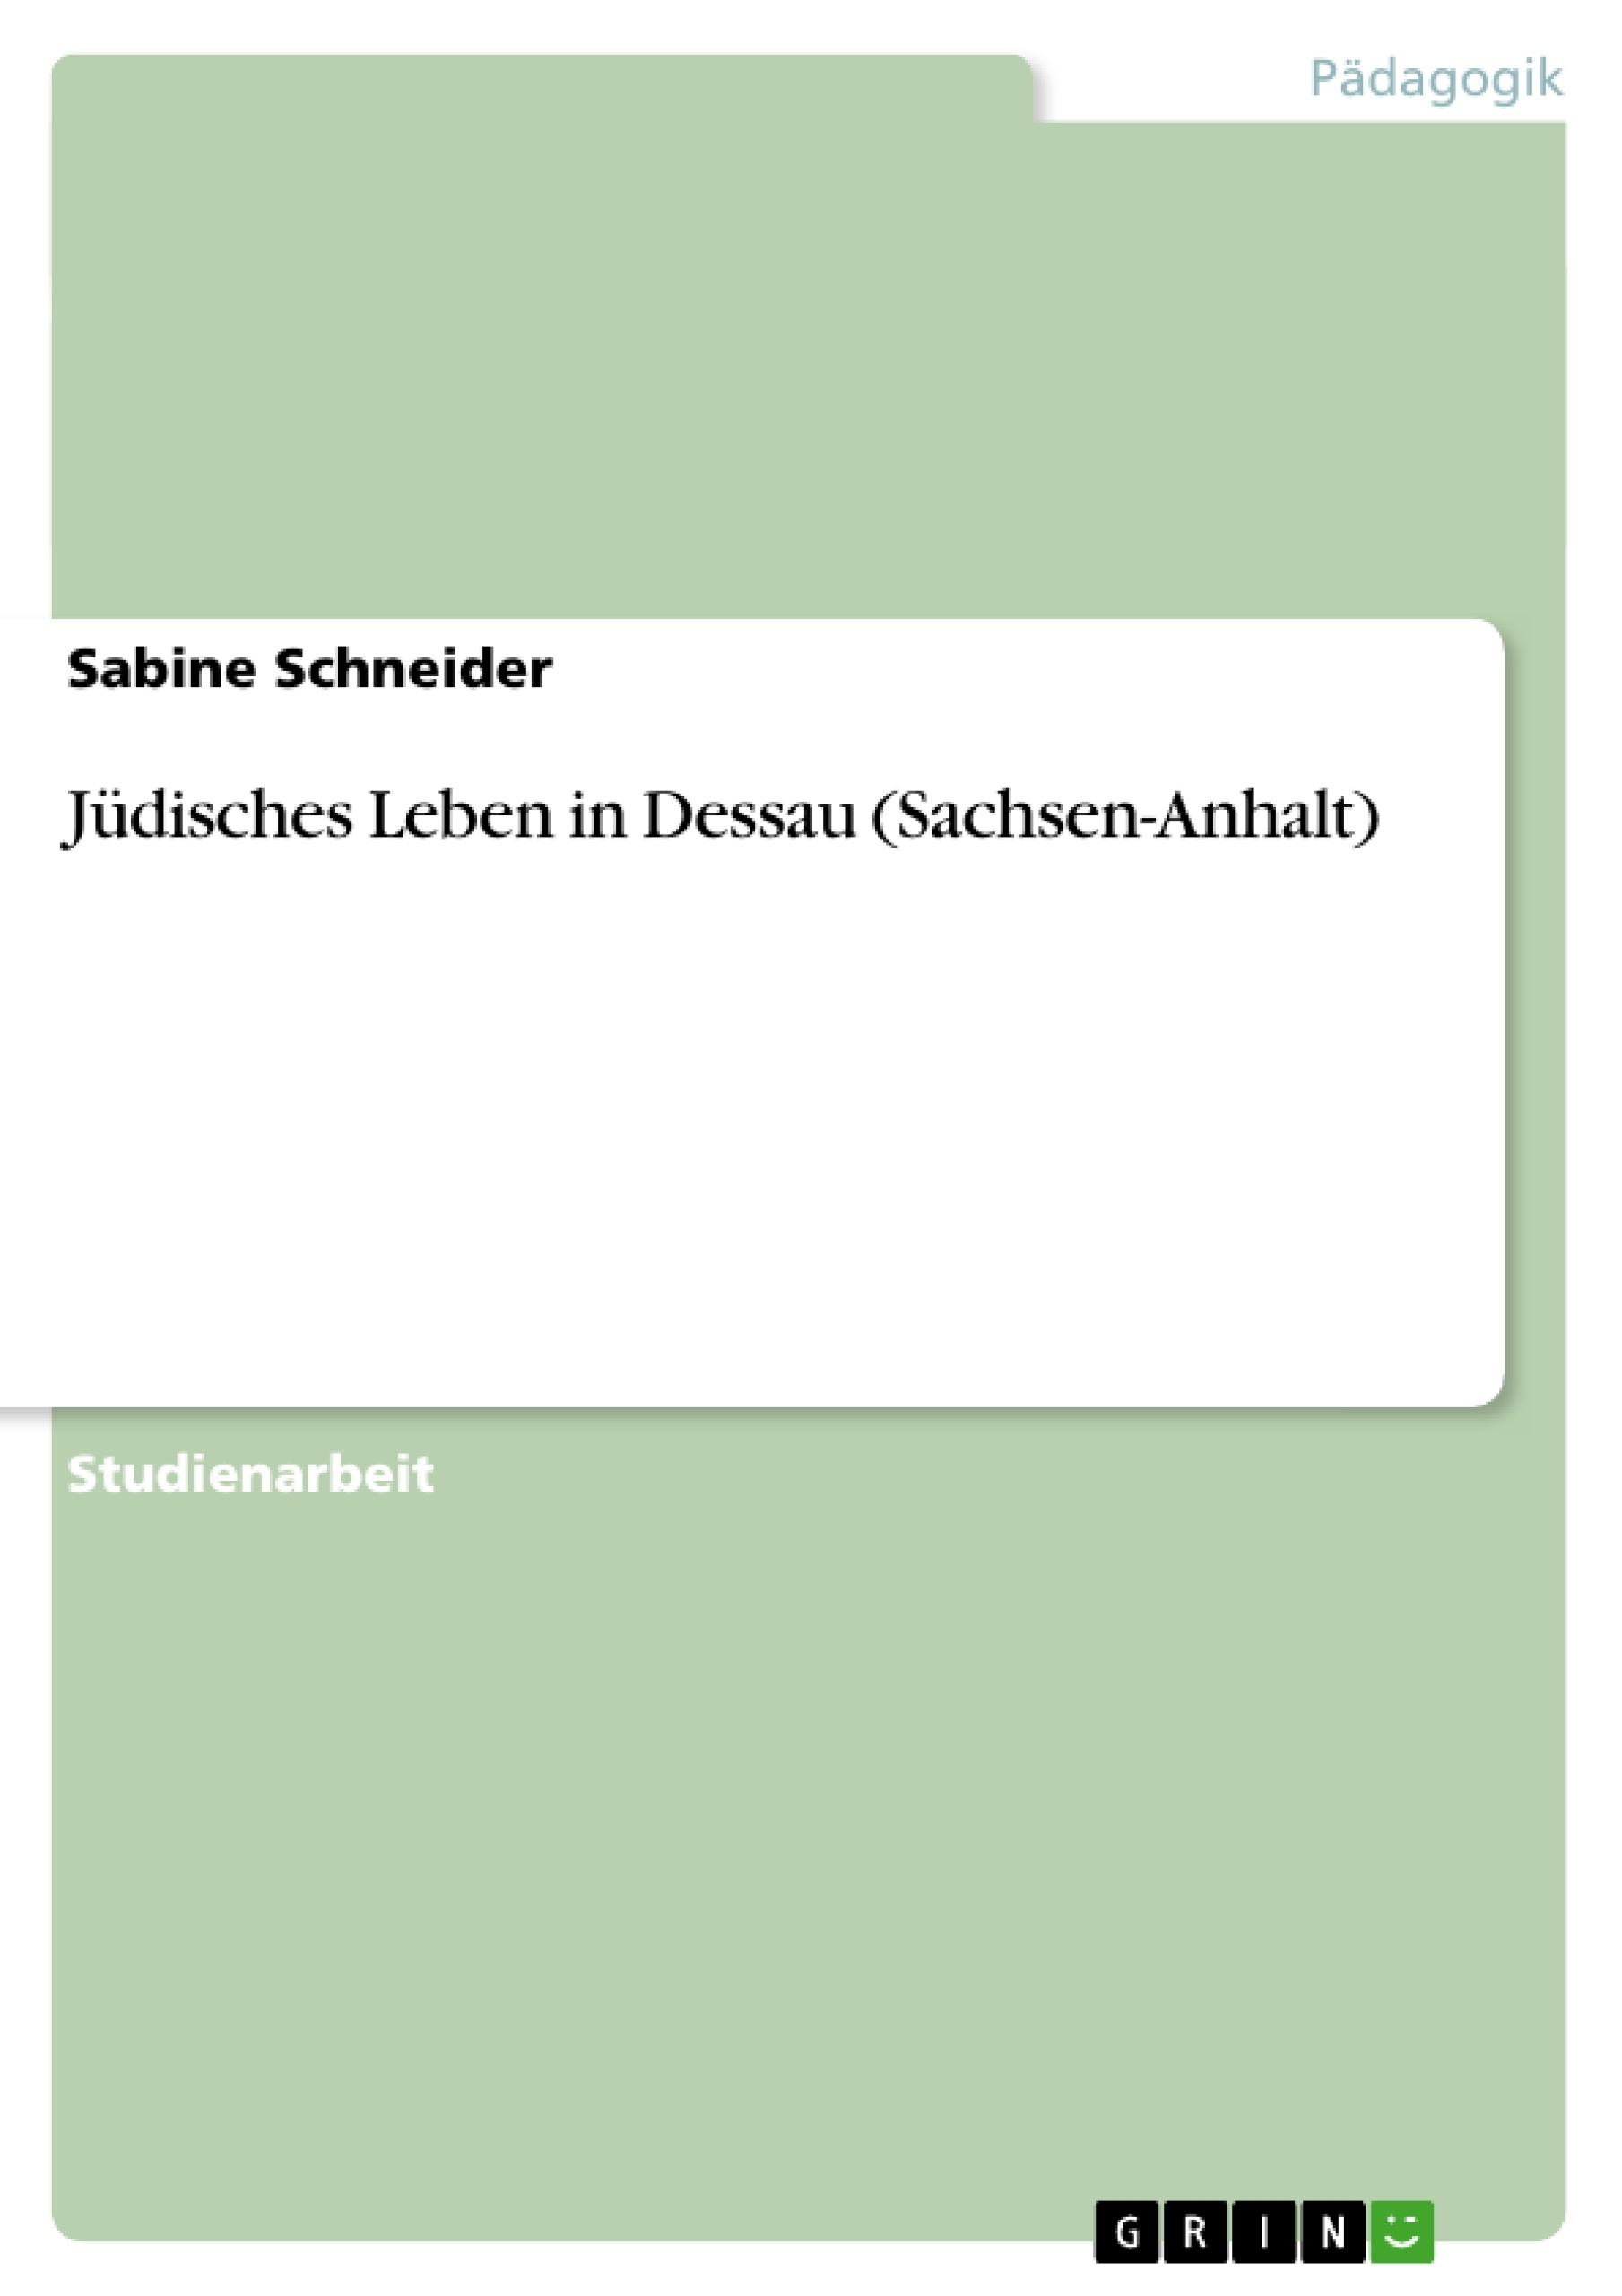 Titel: Jüdisches Leben in Dessau (Sachsen-Anhalt)